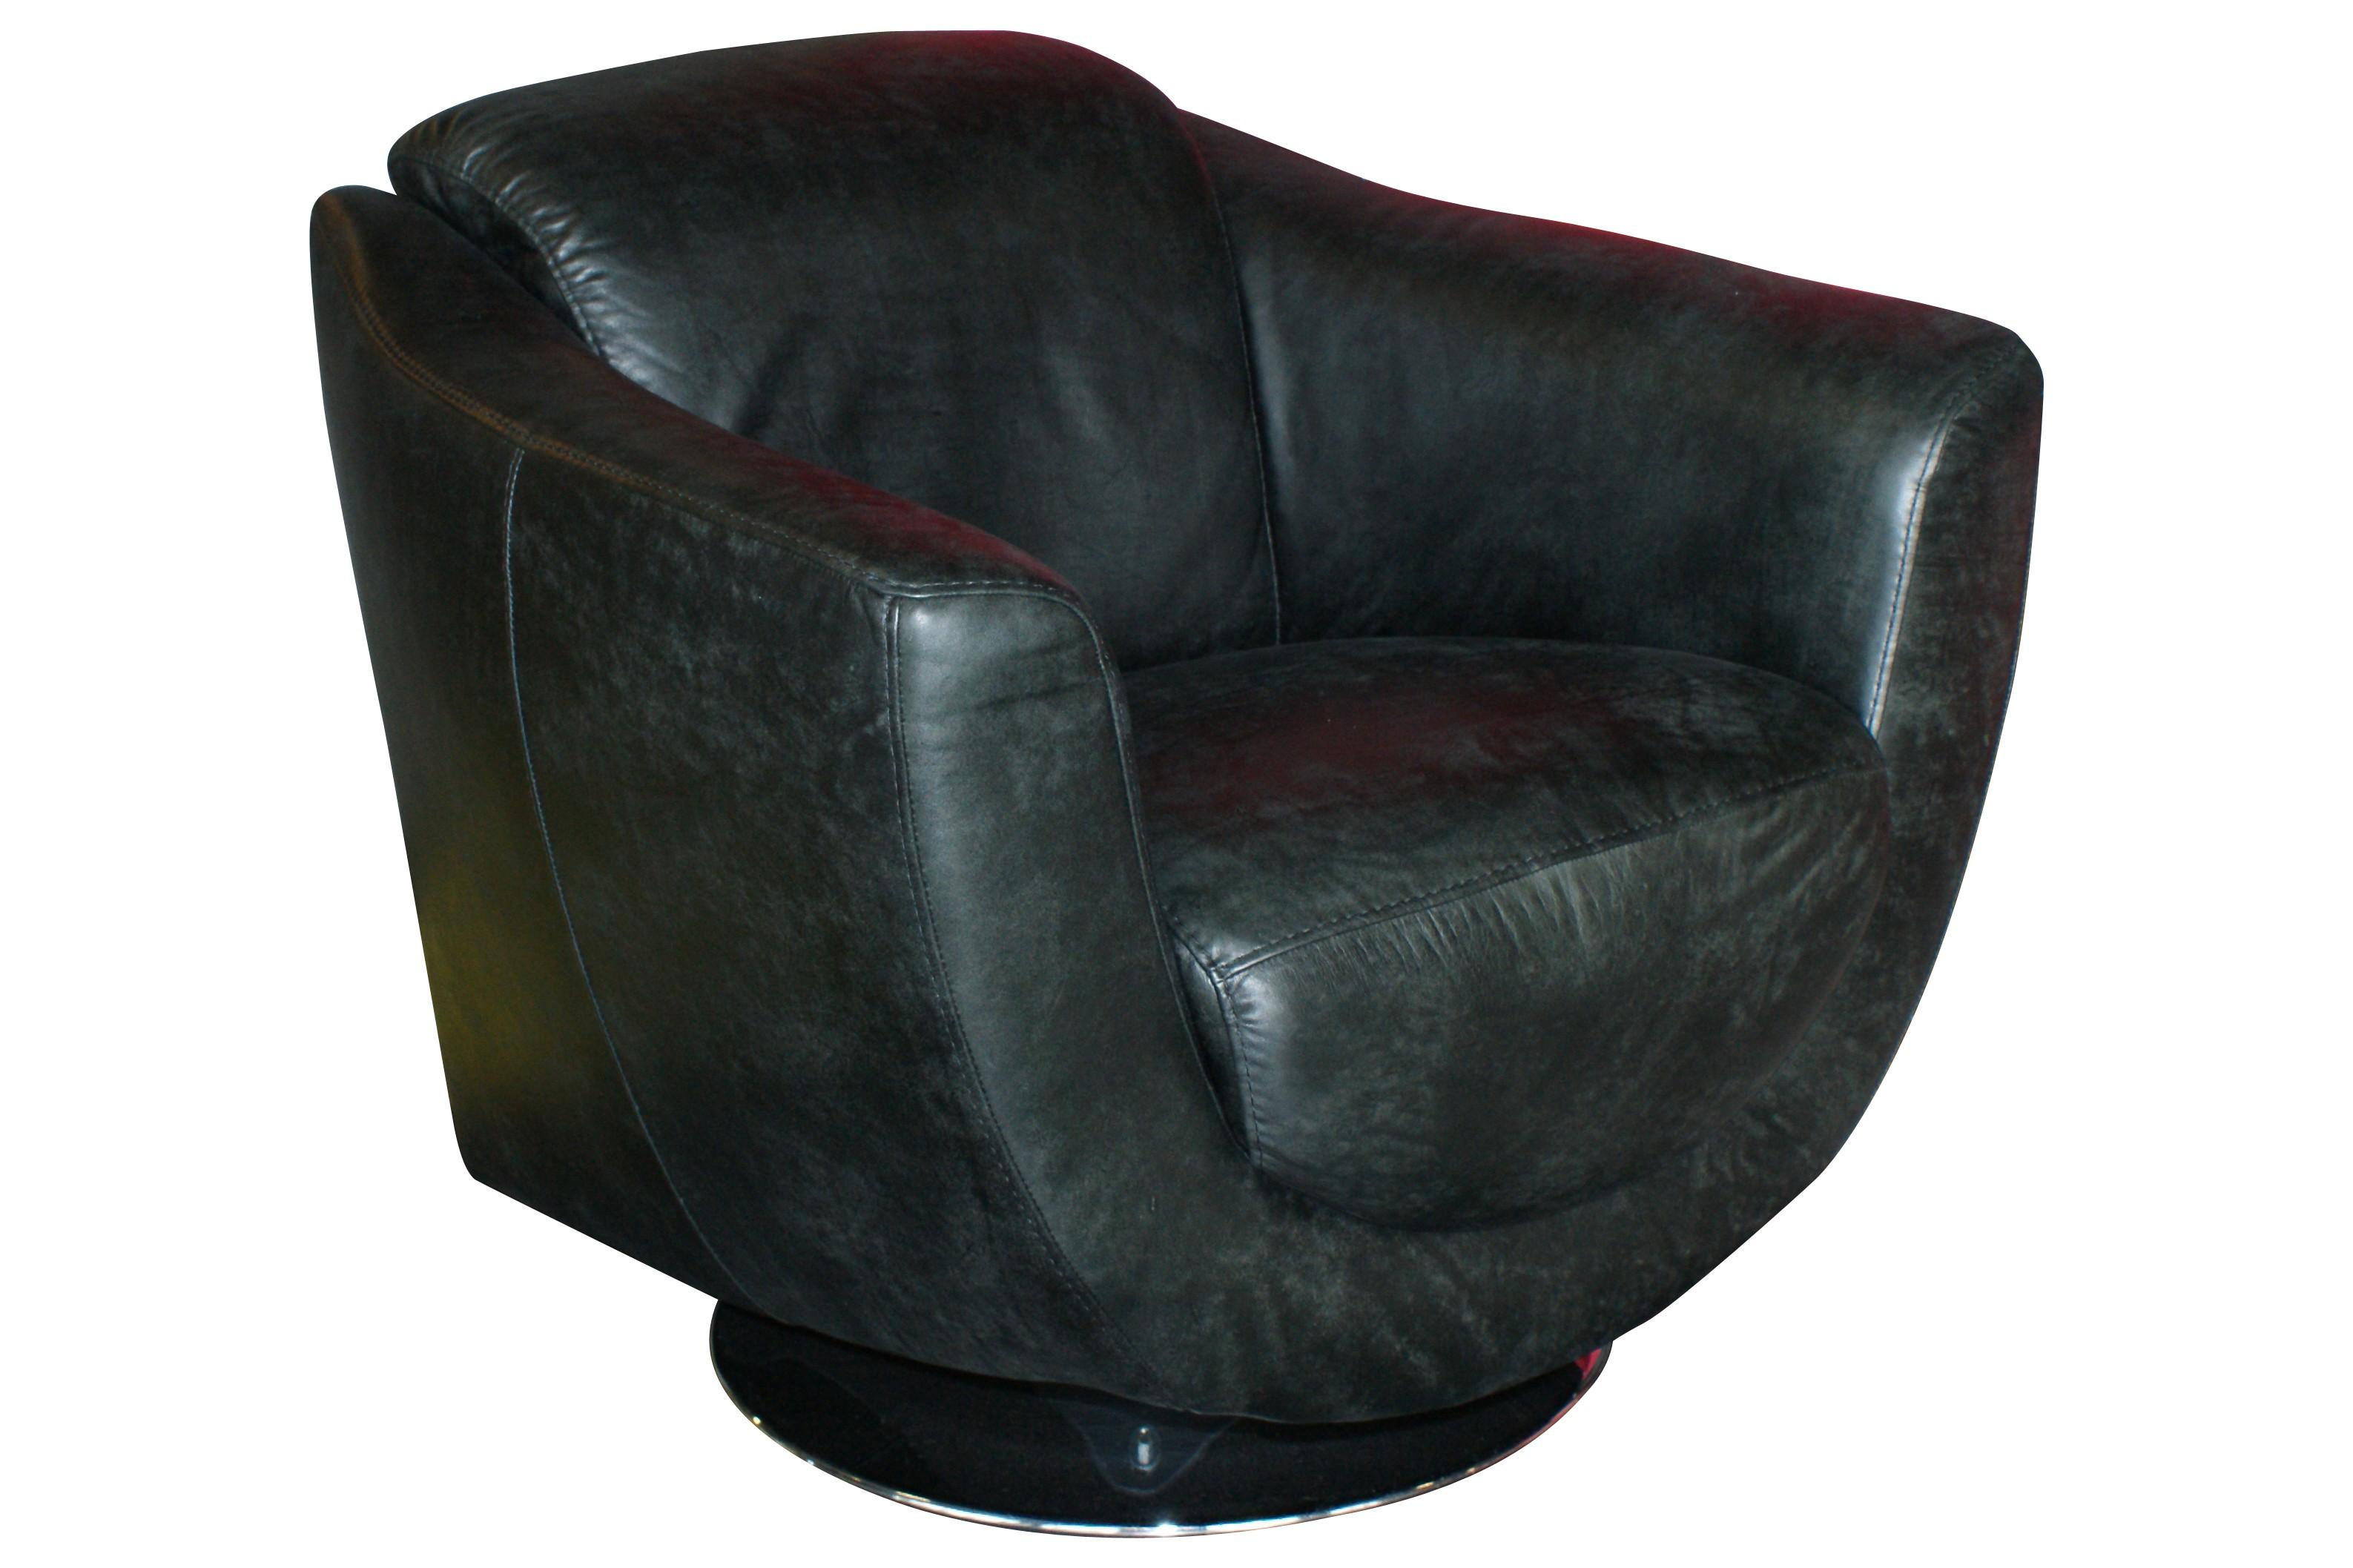 drehsessel clara leder schwarz. Black Bedroom Furniture Sets. Home Design Ideas